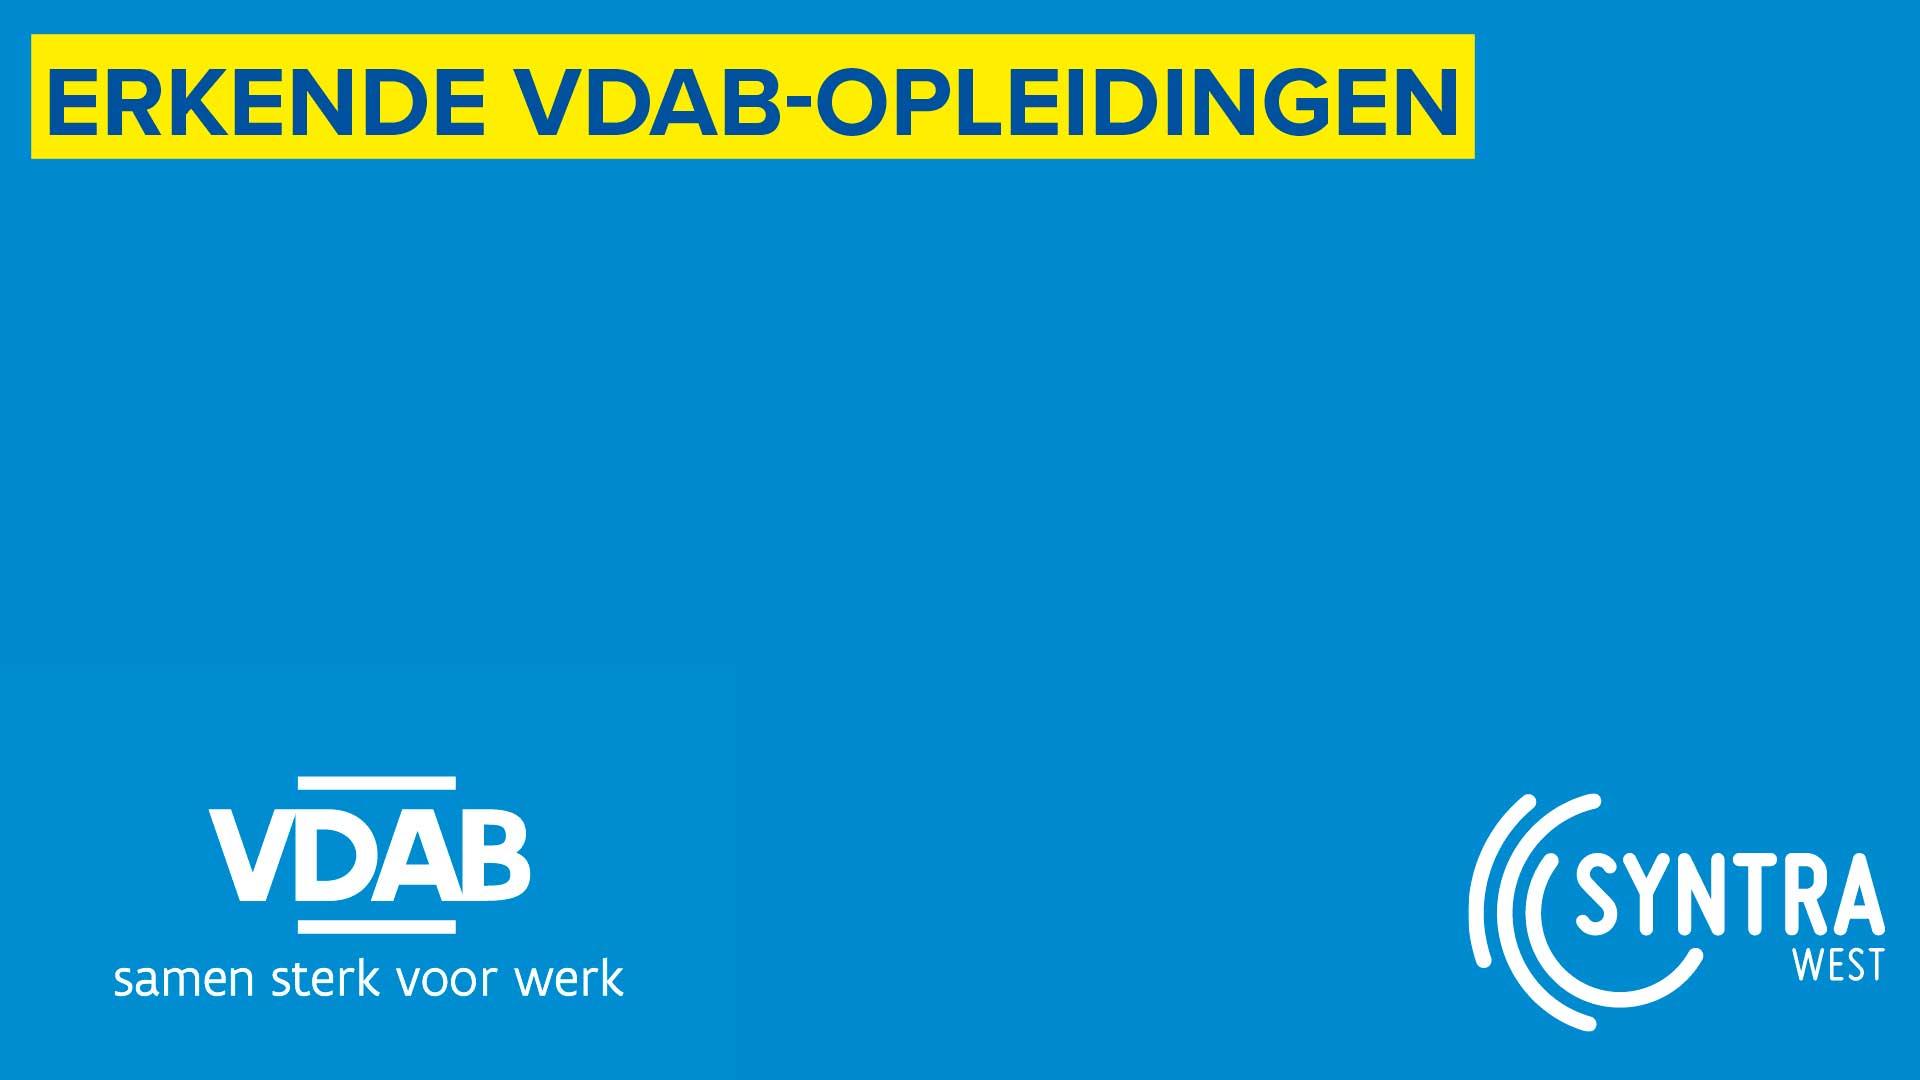 VDAB erkende opleidingen